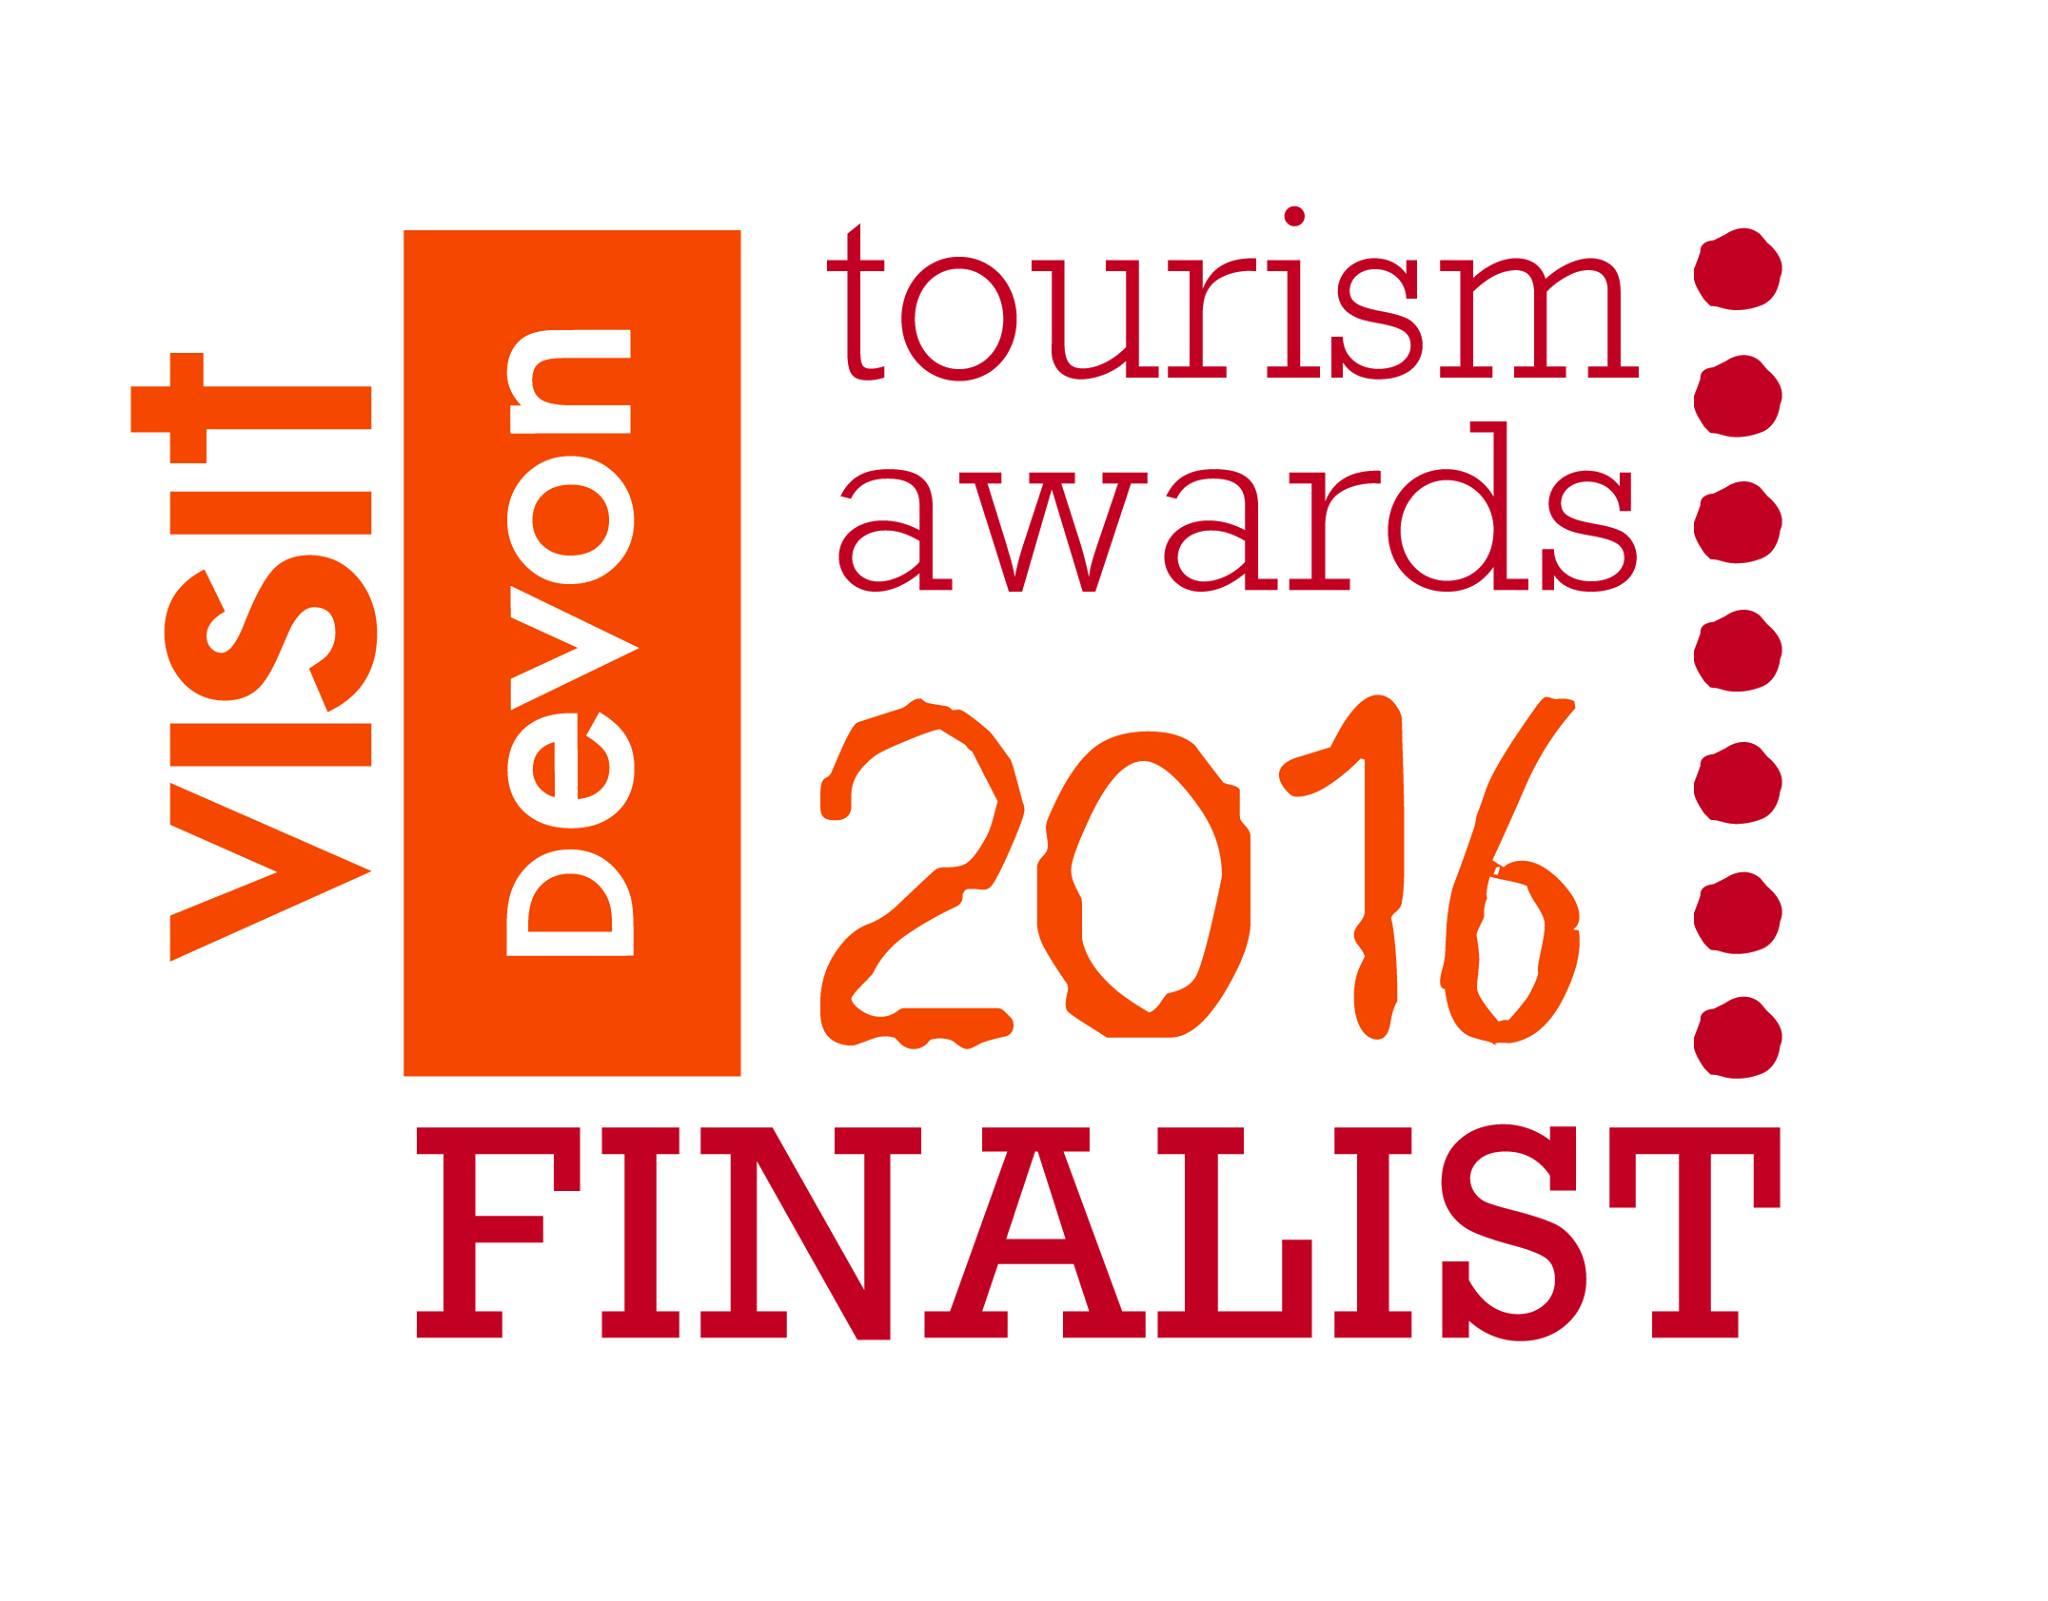 Visit Devon finalist